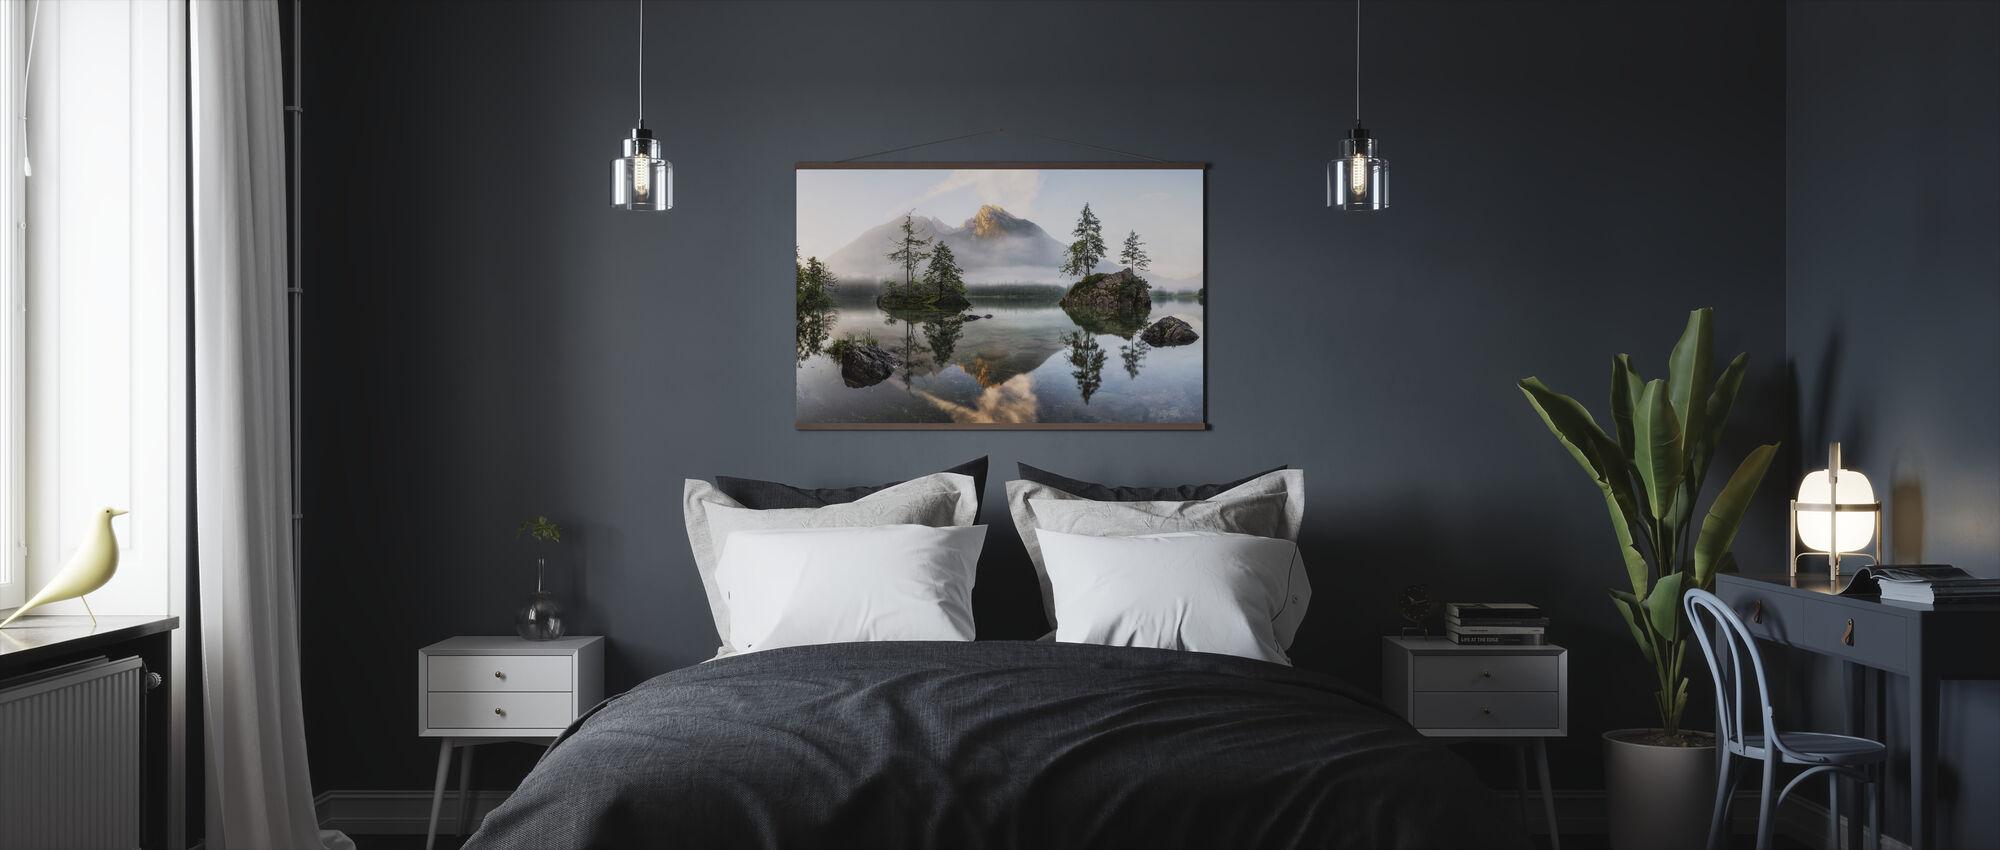 Ontwaken van de natuur - Poster - Slaapkamer